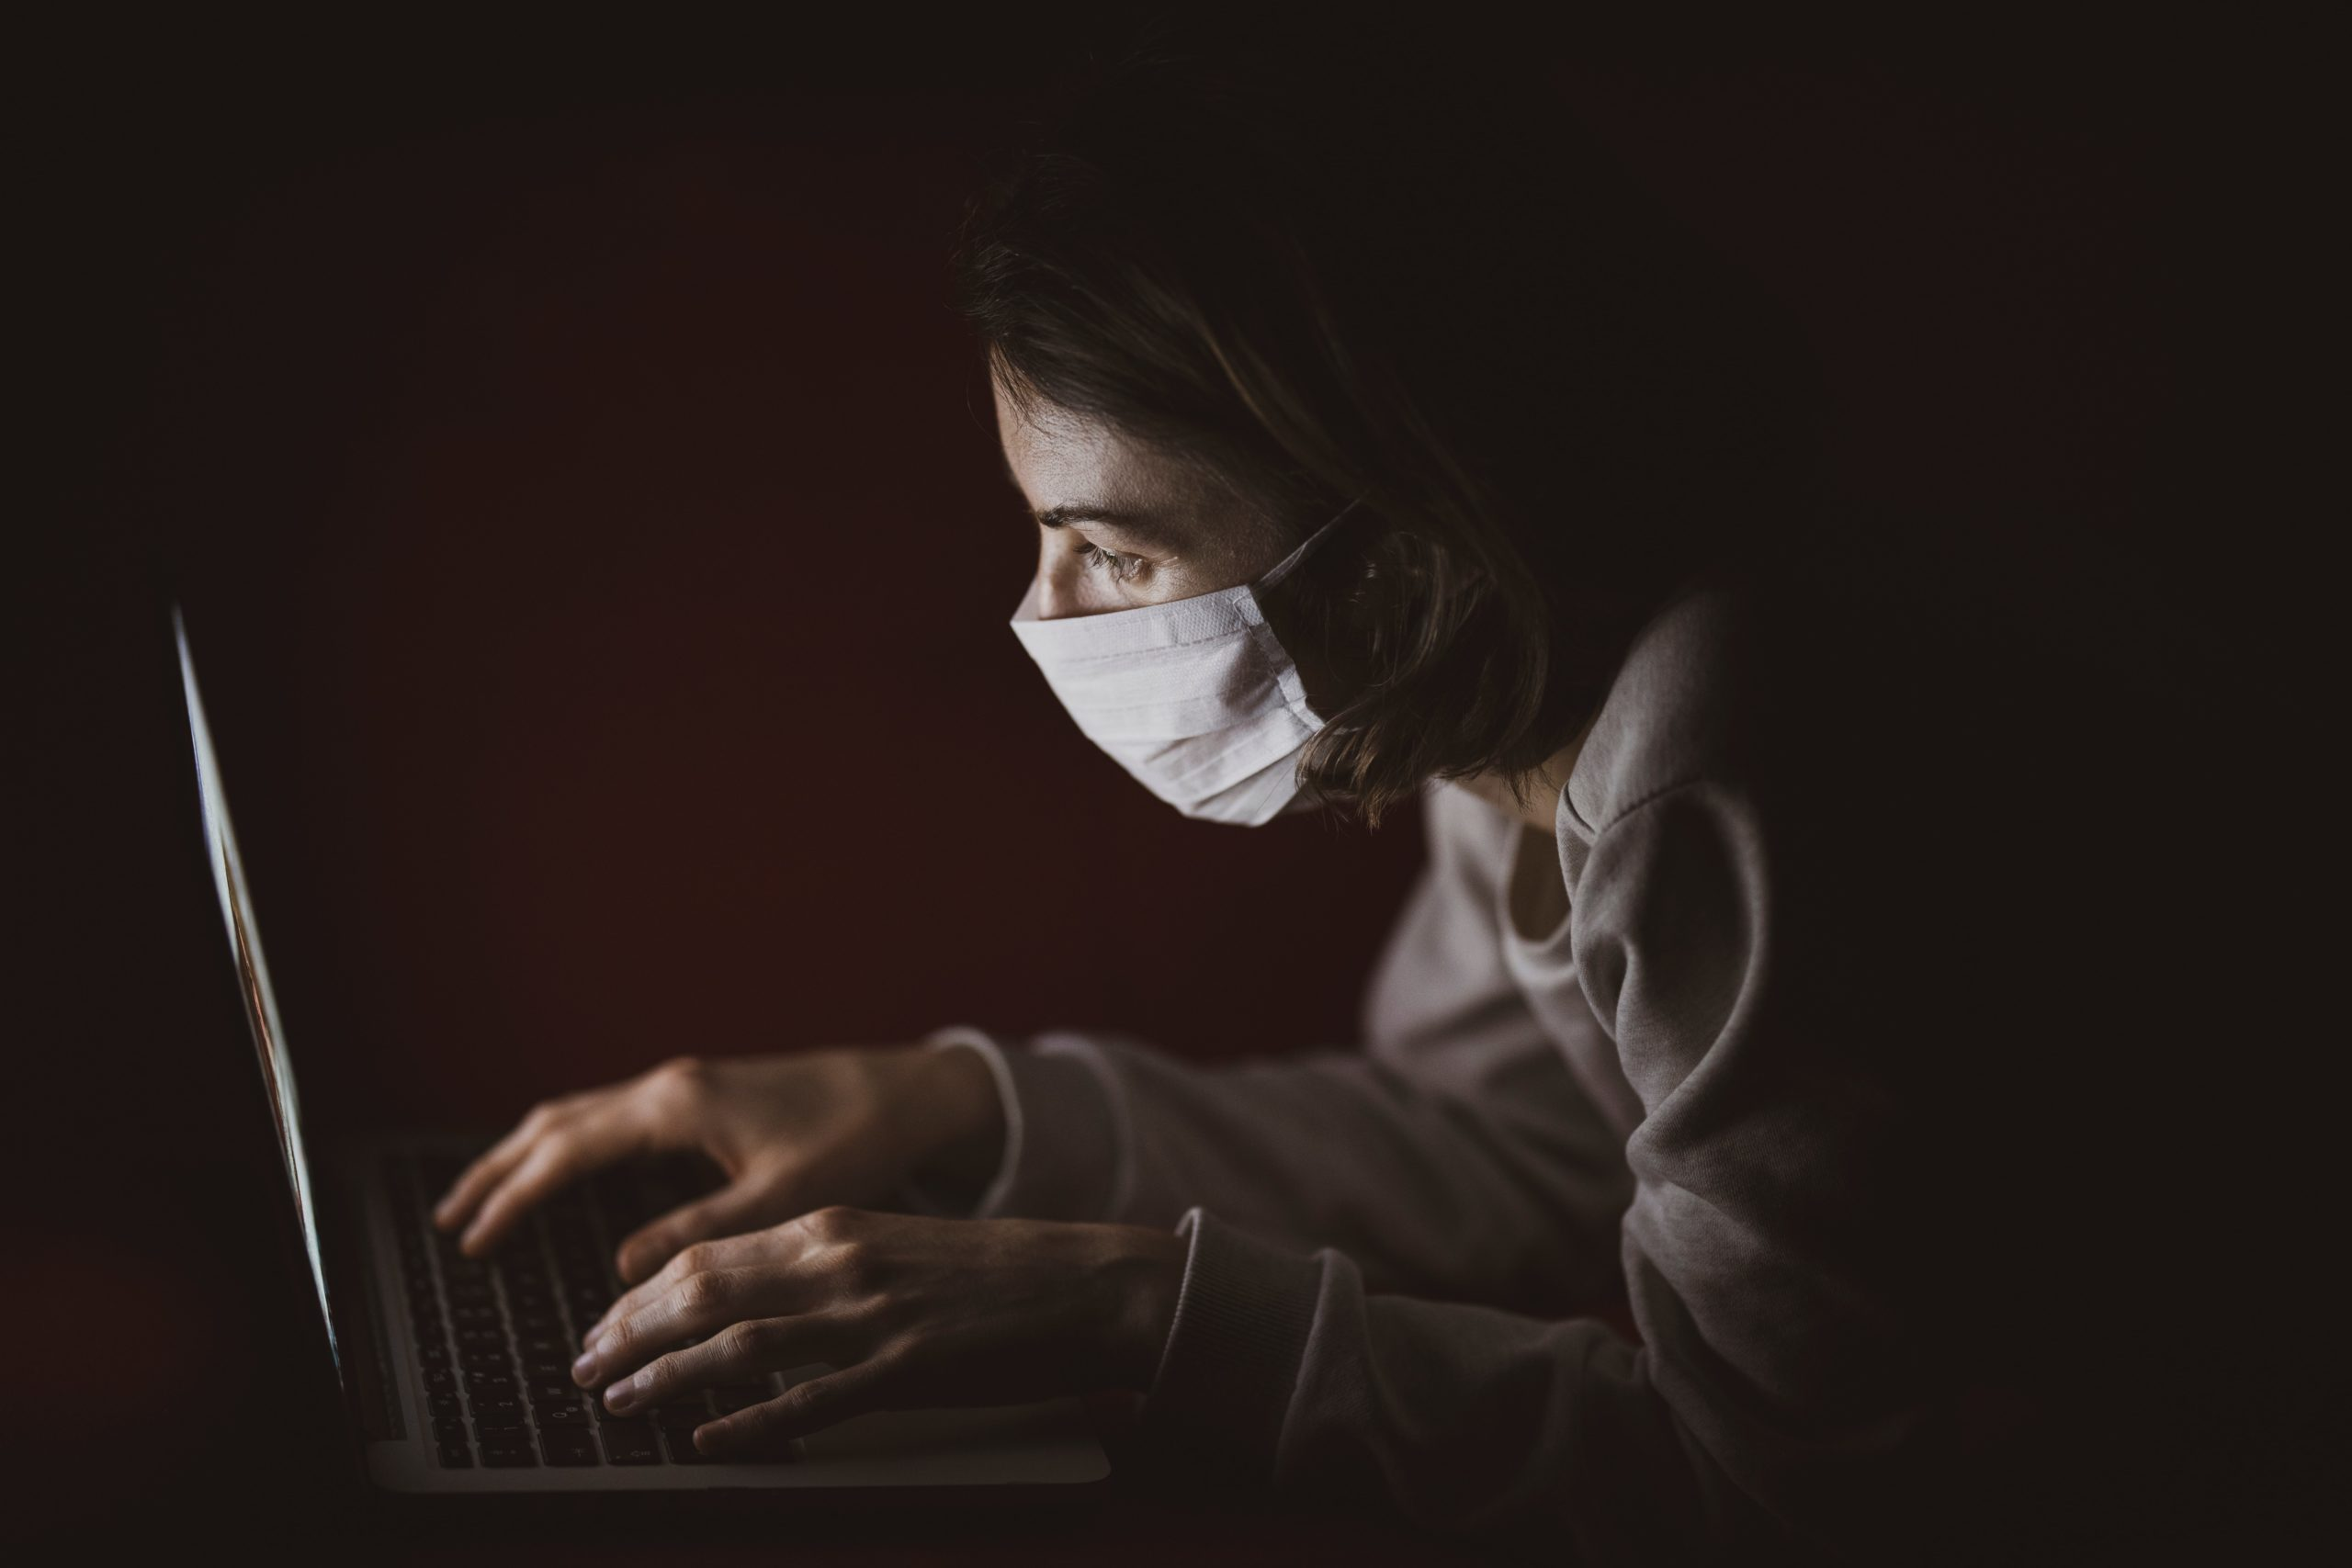 Gestió de les xarxes socials després del coronavirus